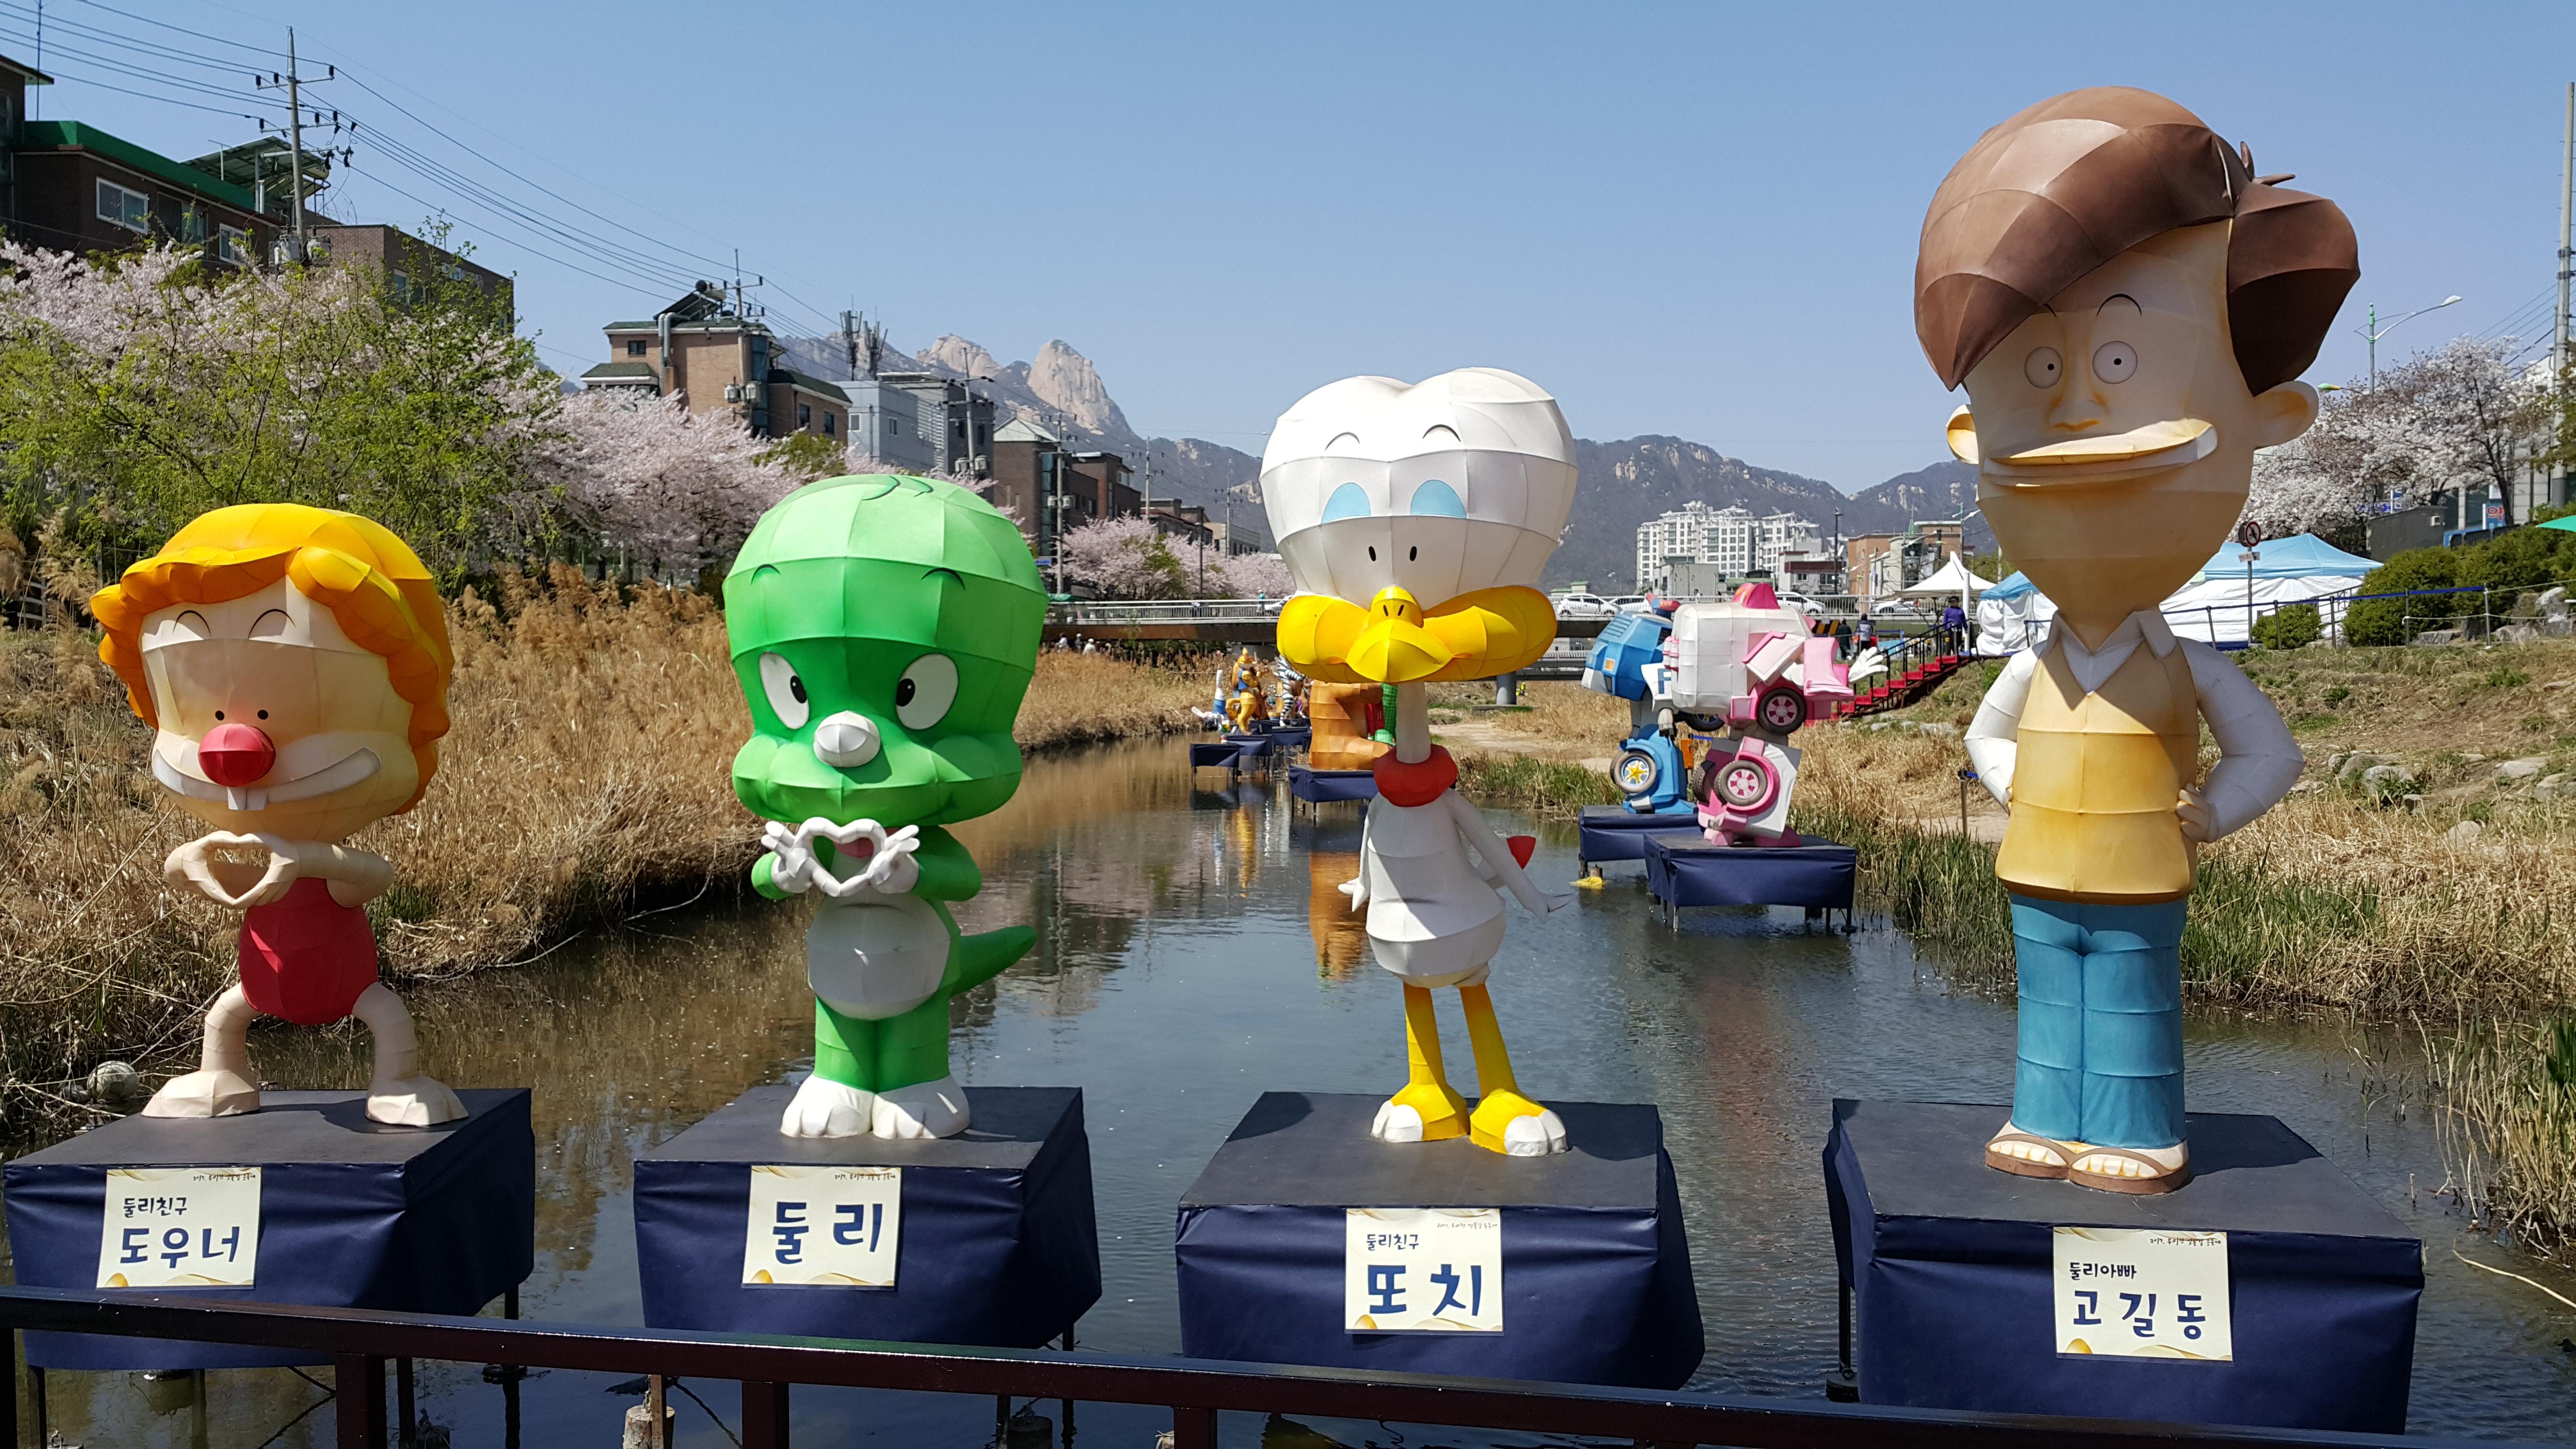 [서울 도봉 여행] 우이천 벚꽃길 등축제